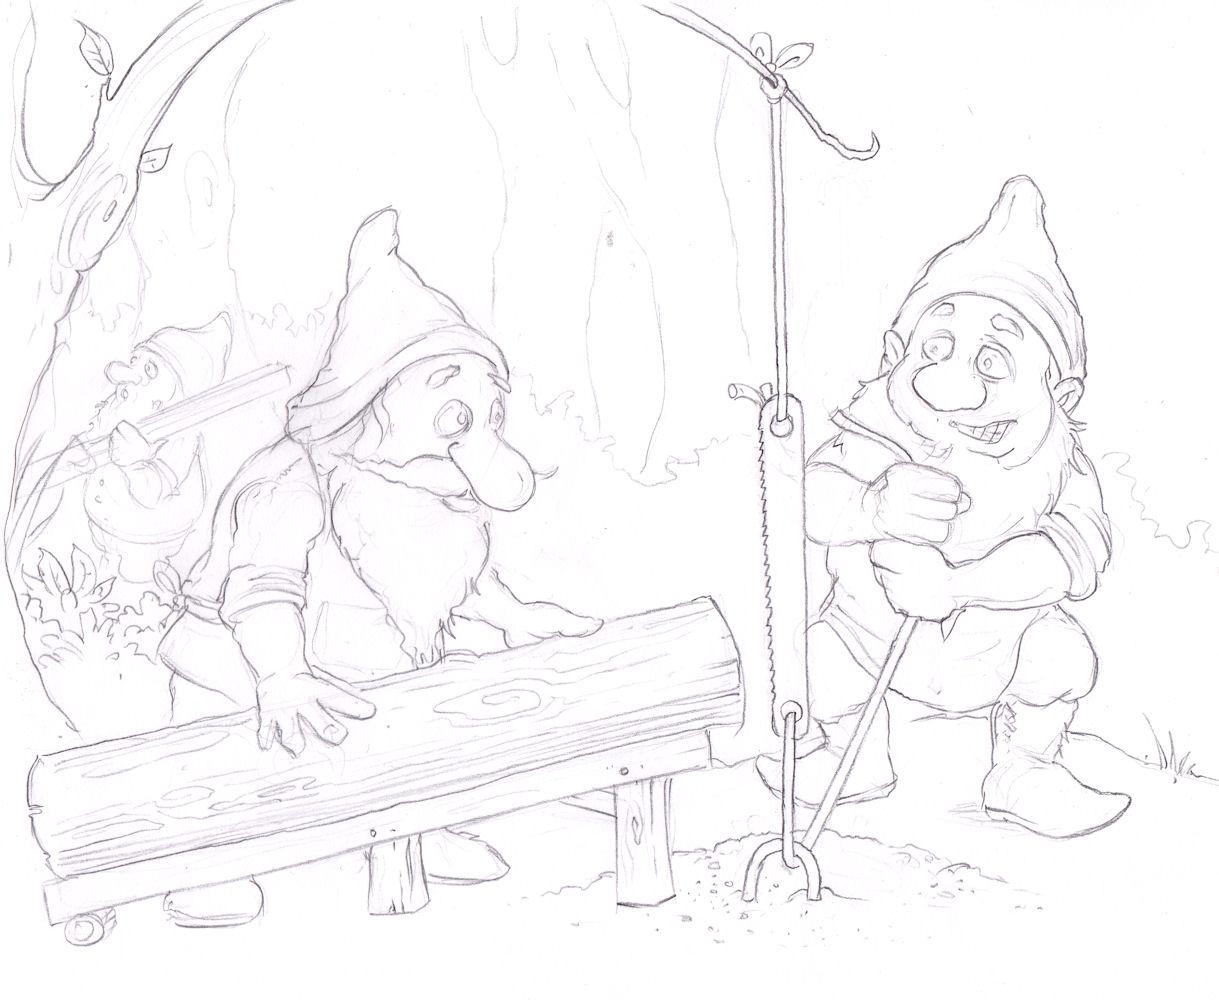 Porncraft gnome passive nude tube